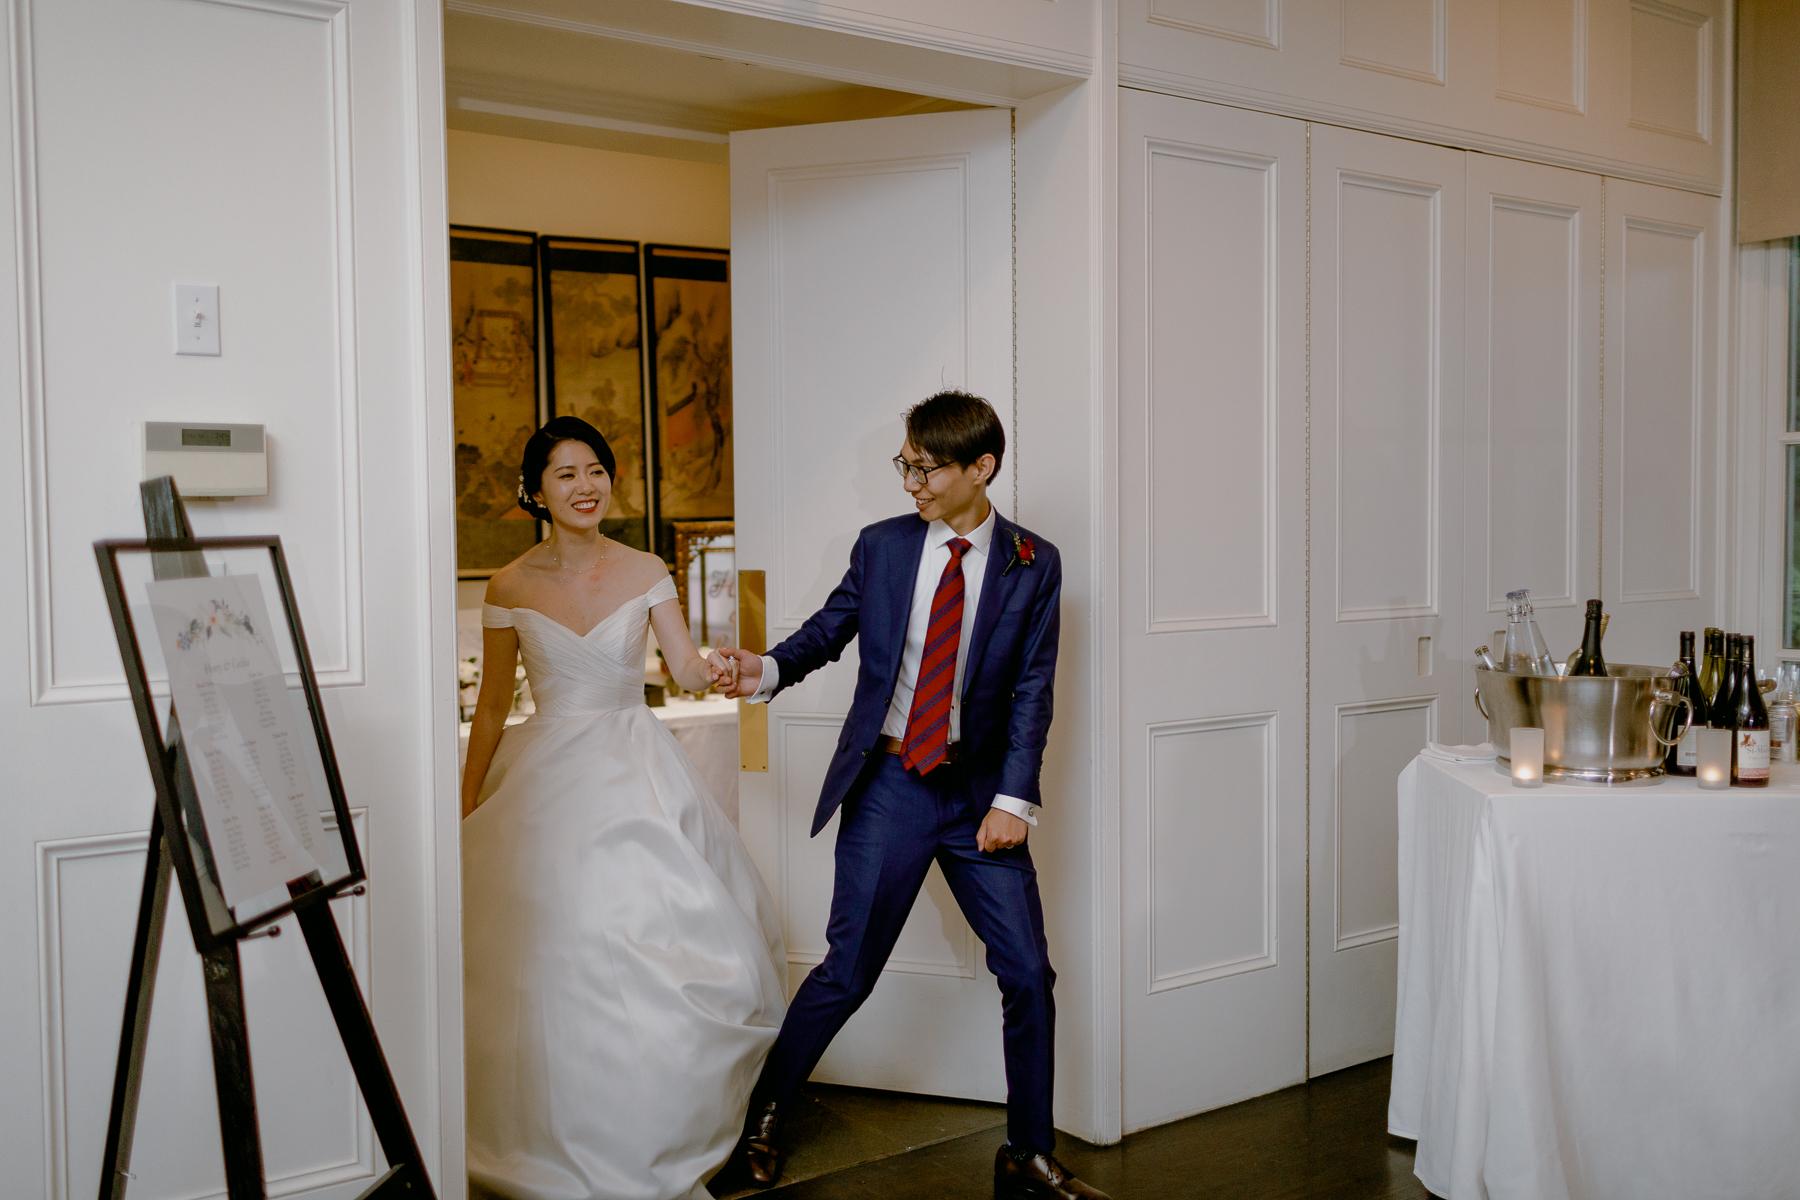 langdon-hall-wedding-markham-chinese-wedding-photographer 0050.jpg